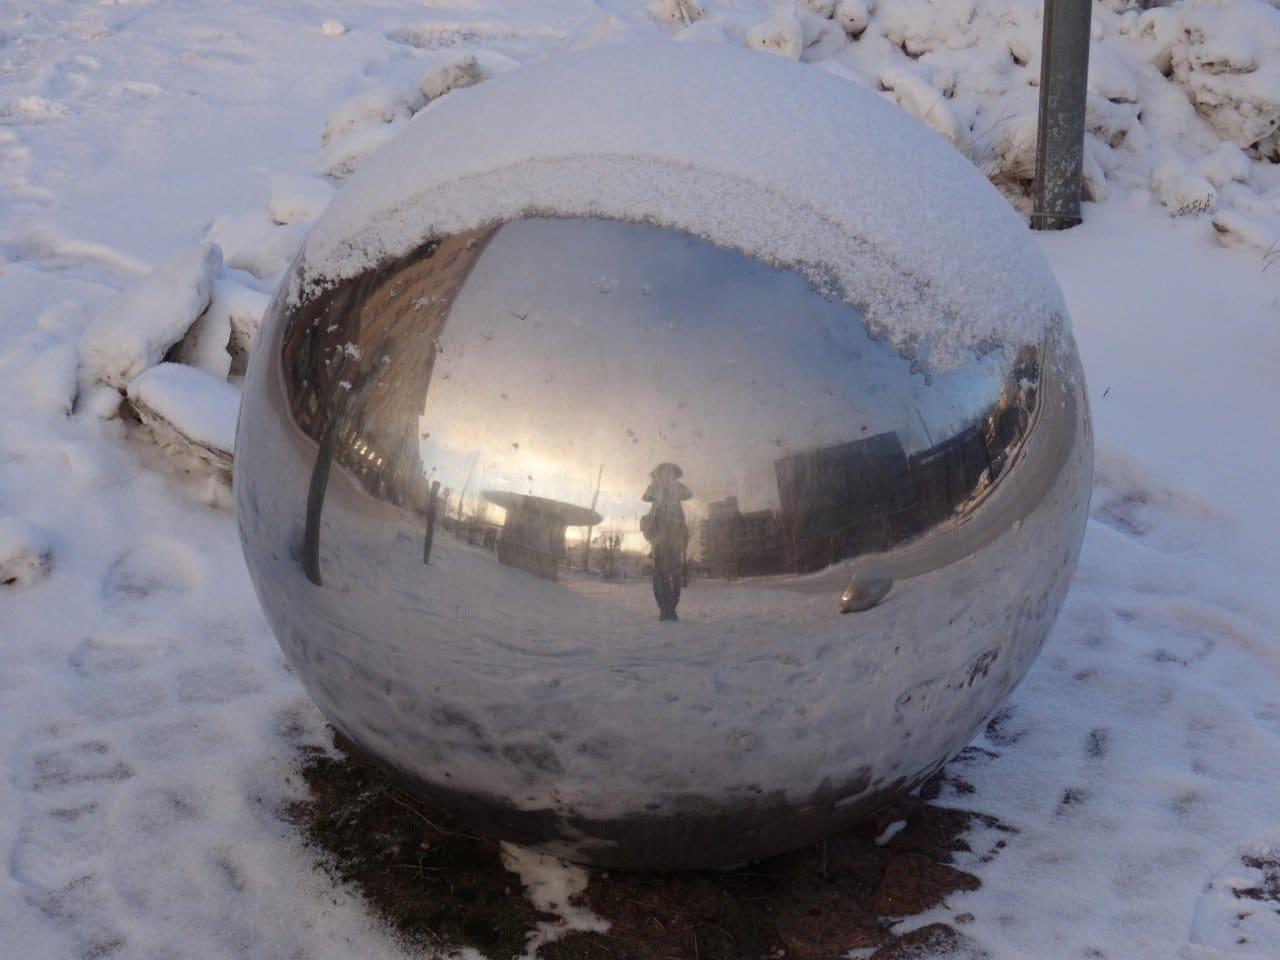 Metall Kugel mit Schnee in Helsinki ©Foto: Tarja Prüss